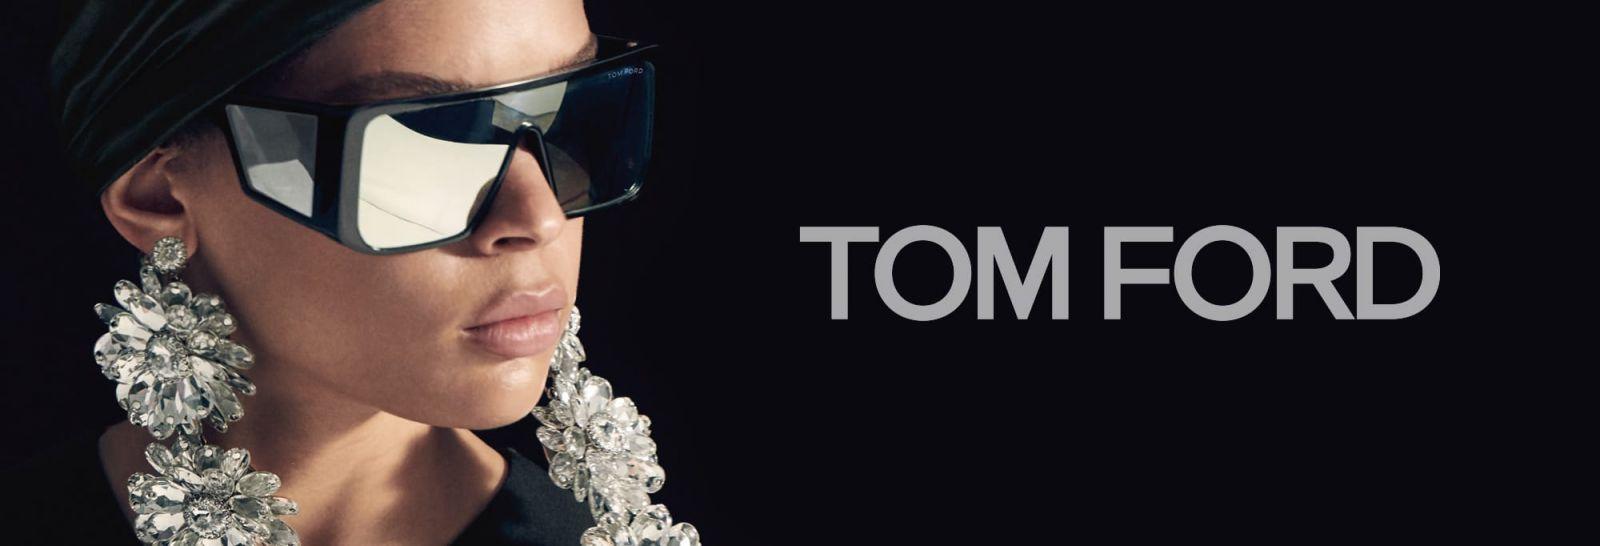 TOM FORD ATTICUS